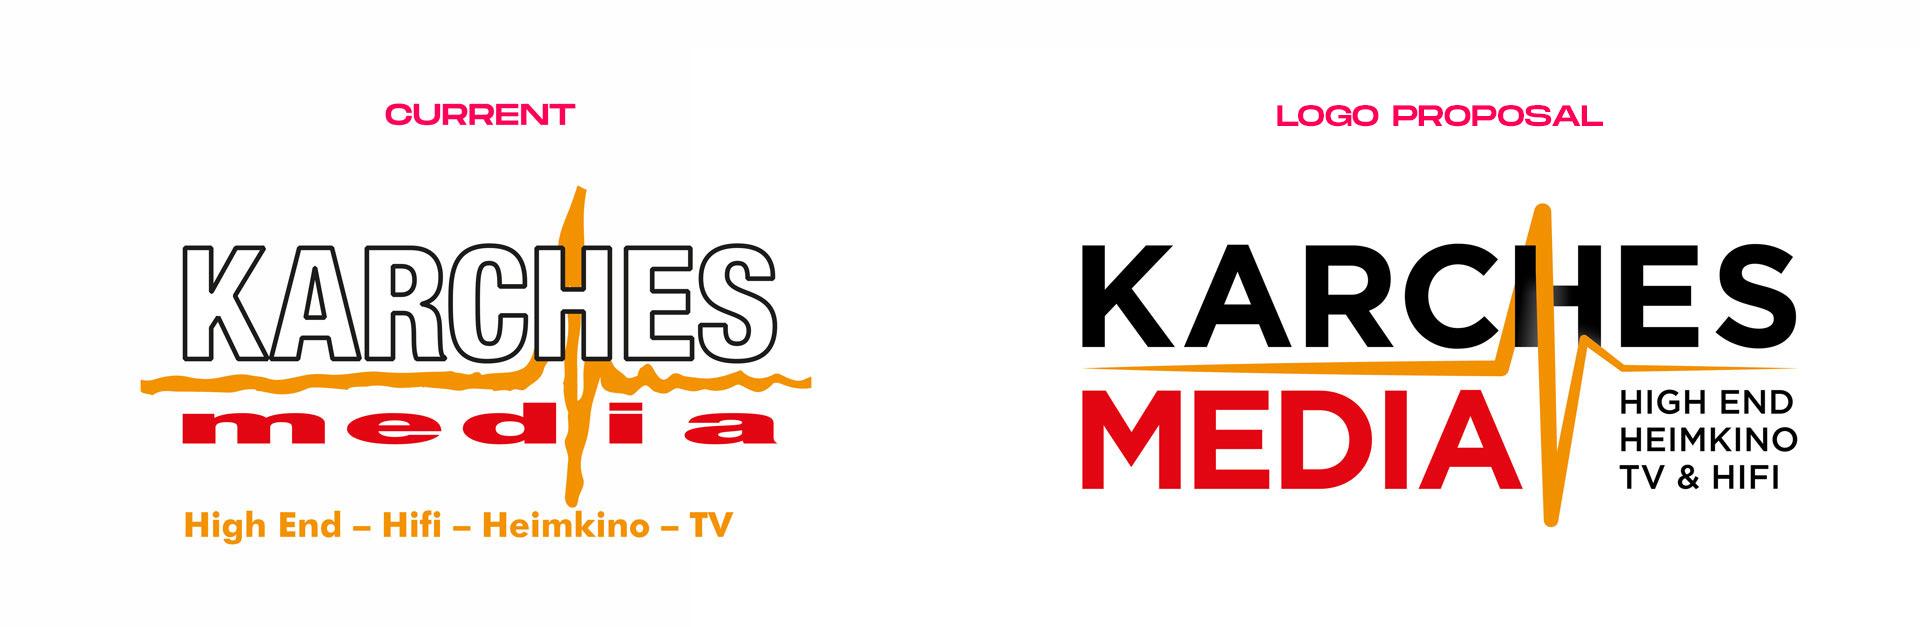 Karches_Media_Logo_comparison_02